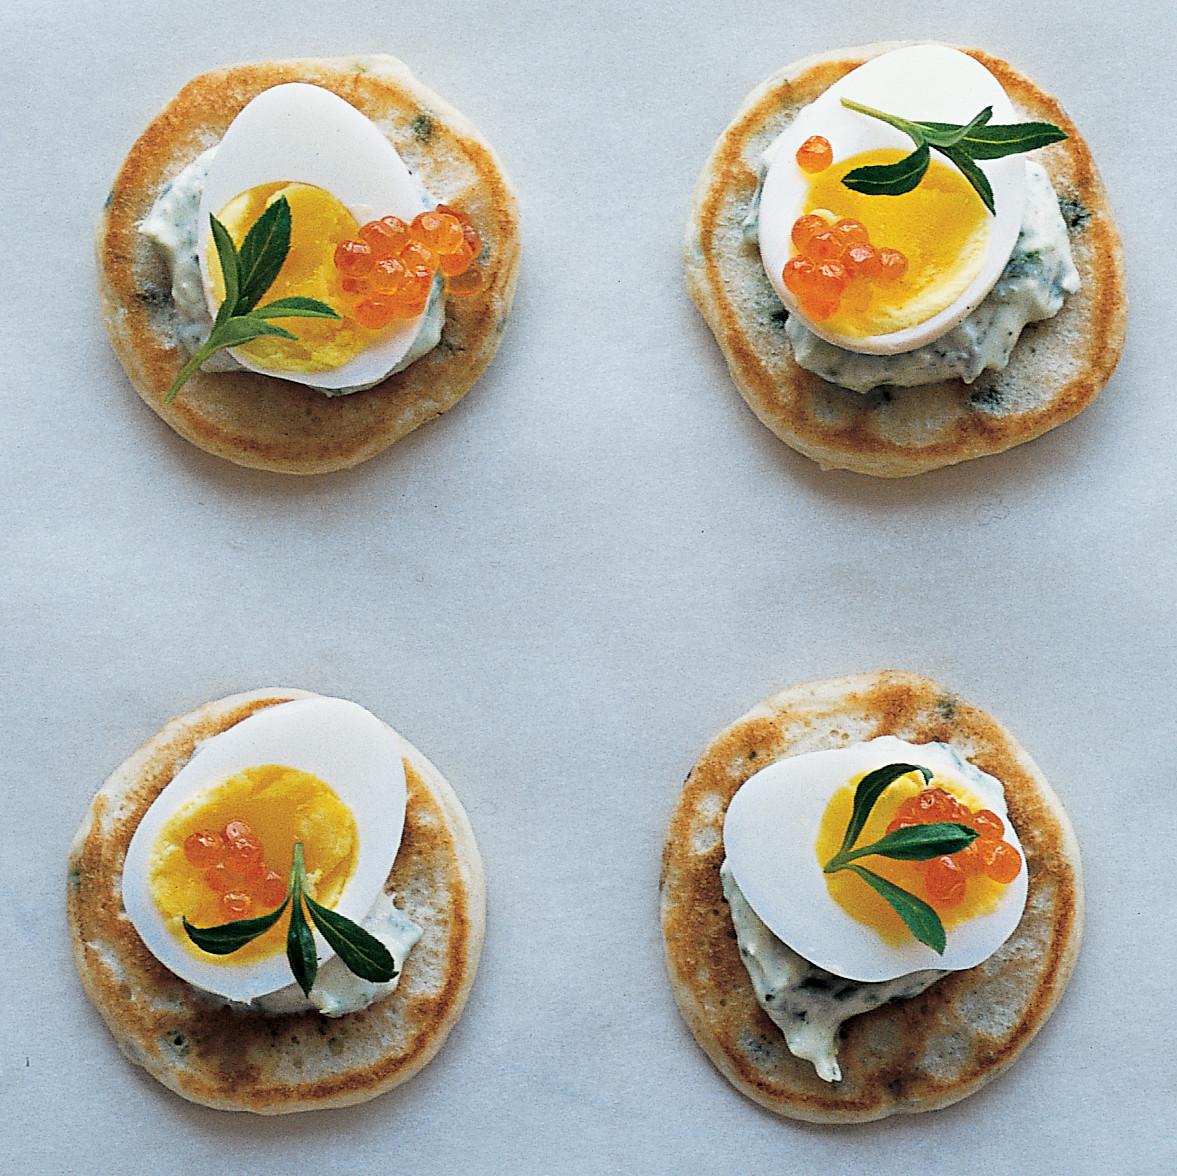 Chive Blini With Creme Fraiche Quail Eggs And Tarragon